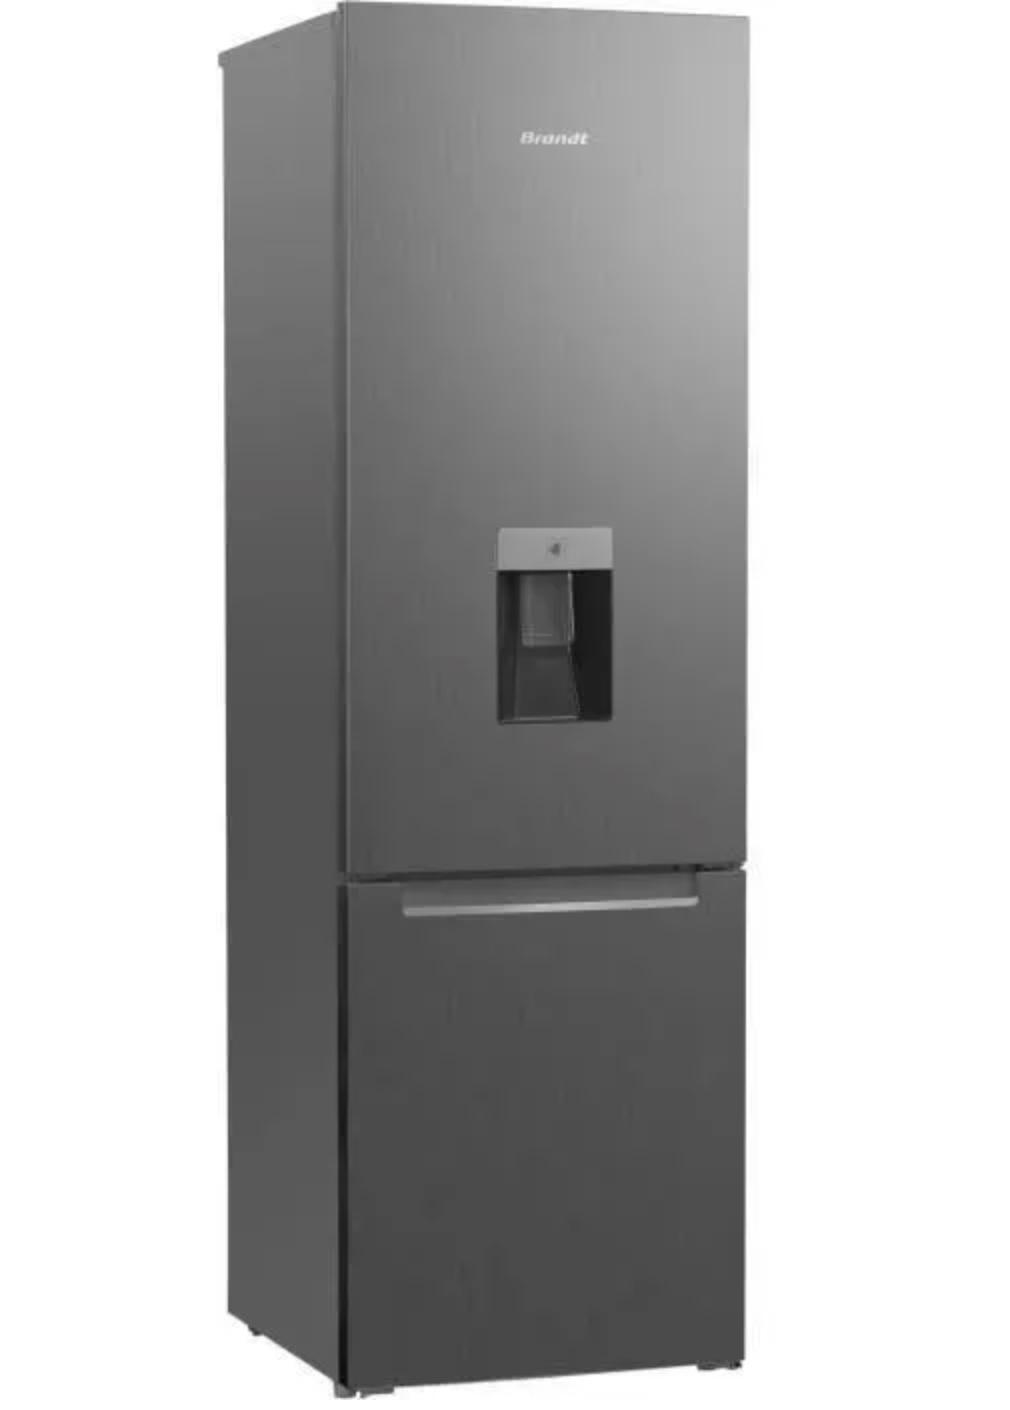 Code promo Cdiscount : Réfrigérateur combiné 260L (195 + 65) BRANDT BFC7527XD  avec distributeur d'eau à 329,99€